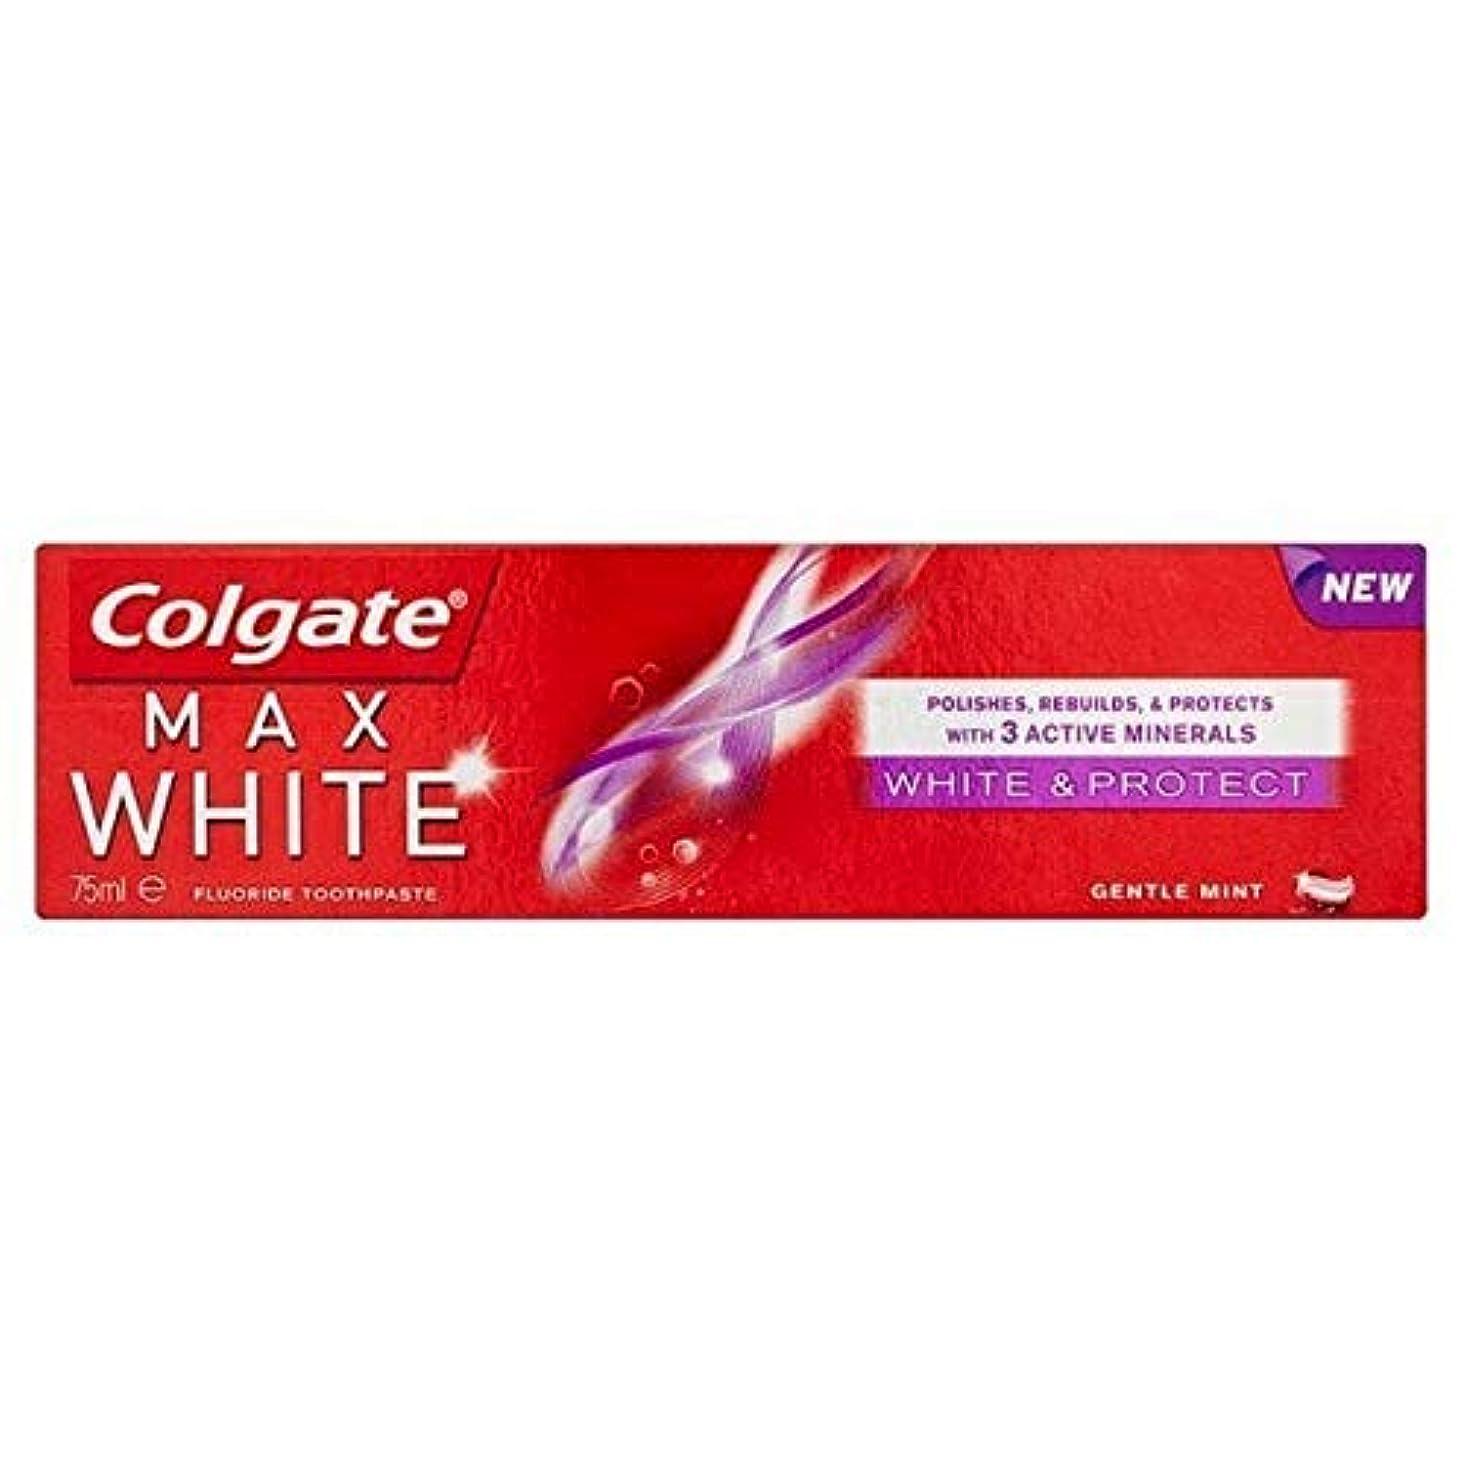 野心却下するバリア[Colgate ] コルゲートマックスホワイトホワイトニング&歯磨き粉75ミリリットルを保護 - Colgate Max White Whitening & Protect Toothpaste 75ml [並行輸入品]